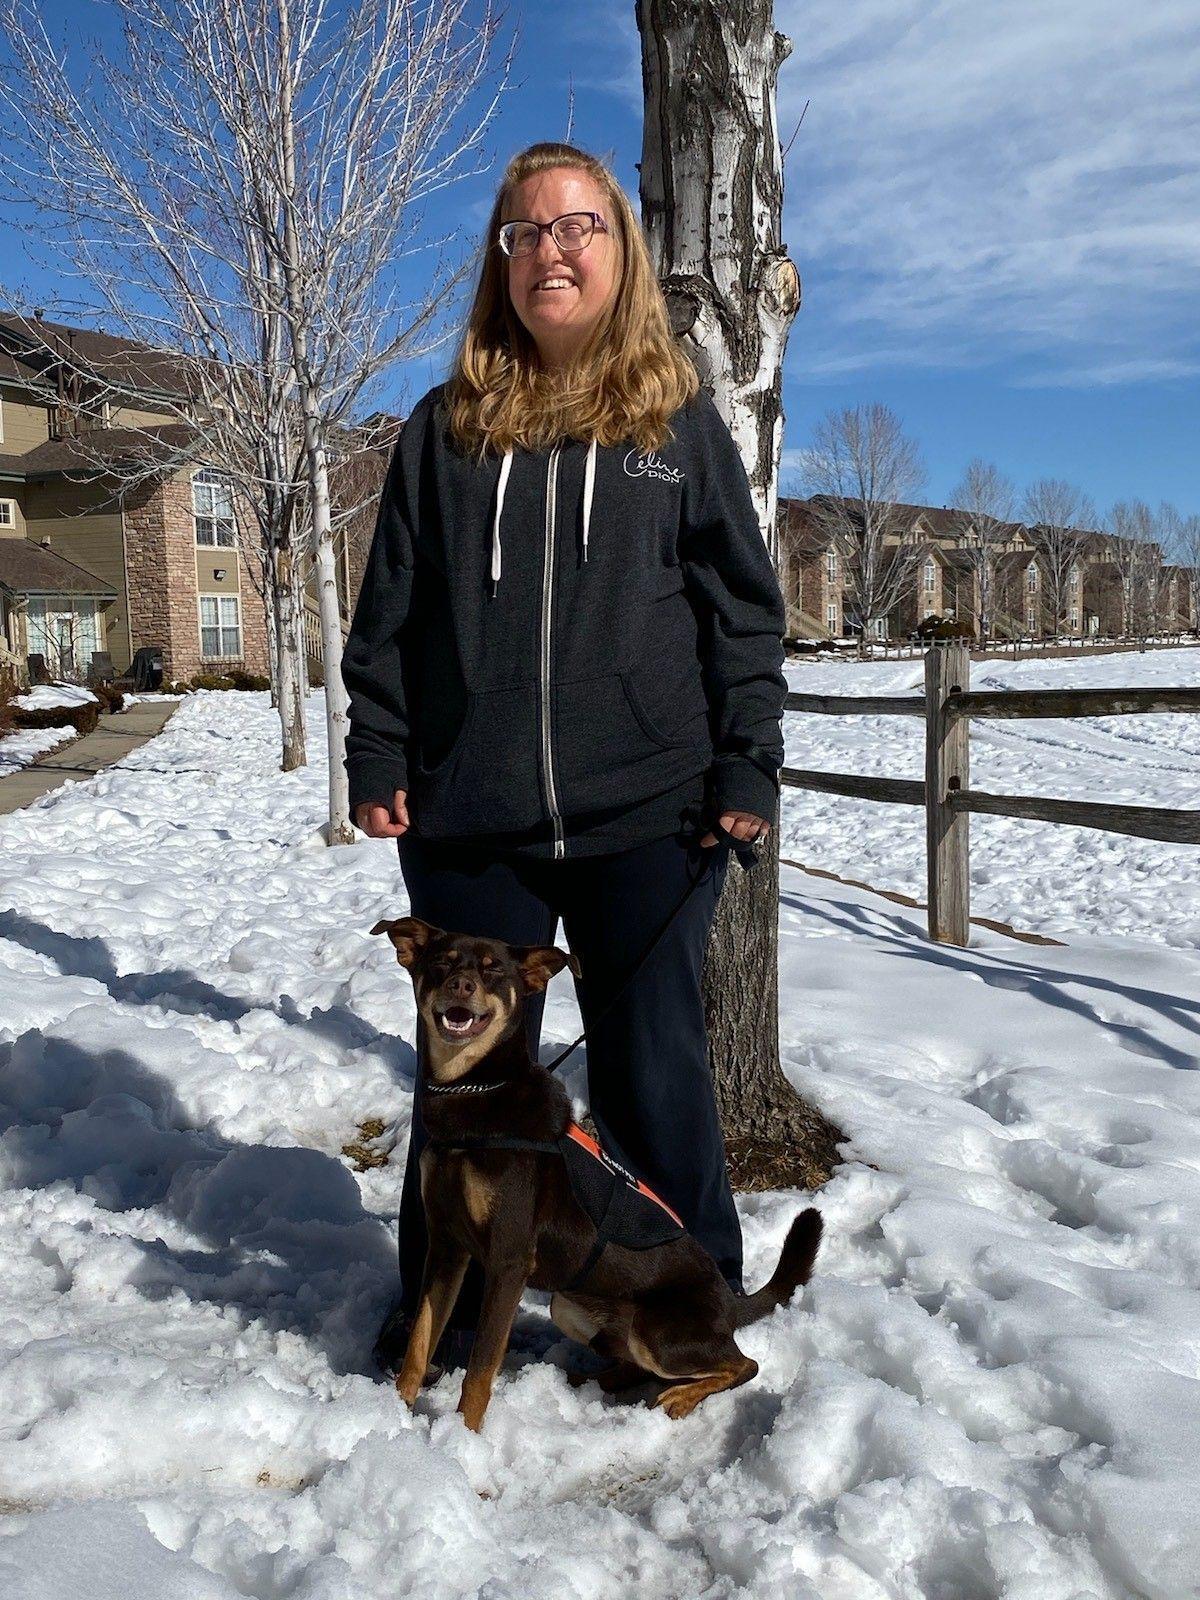 Hearing Dog team Amanda & Whiskey